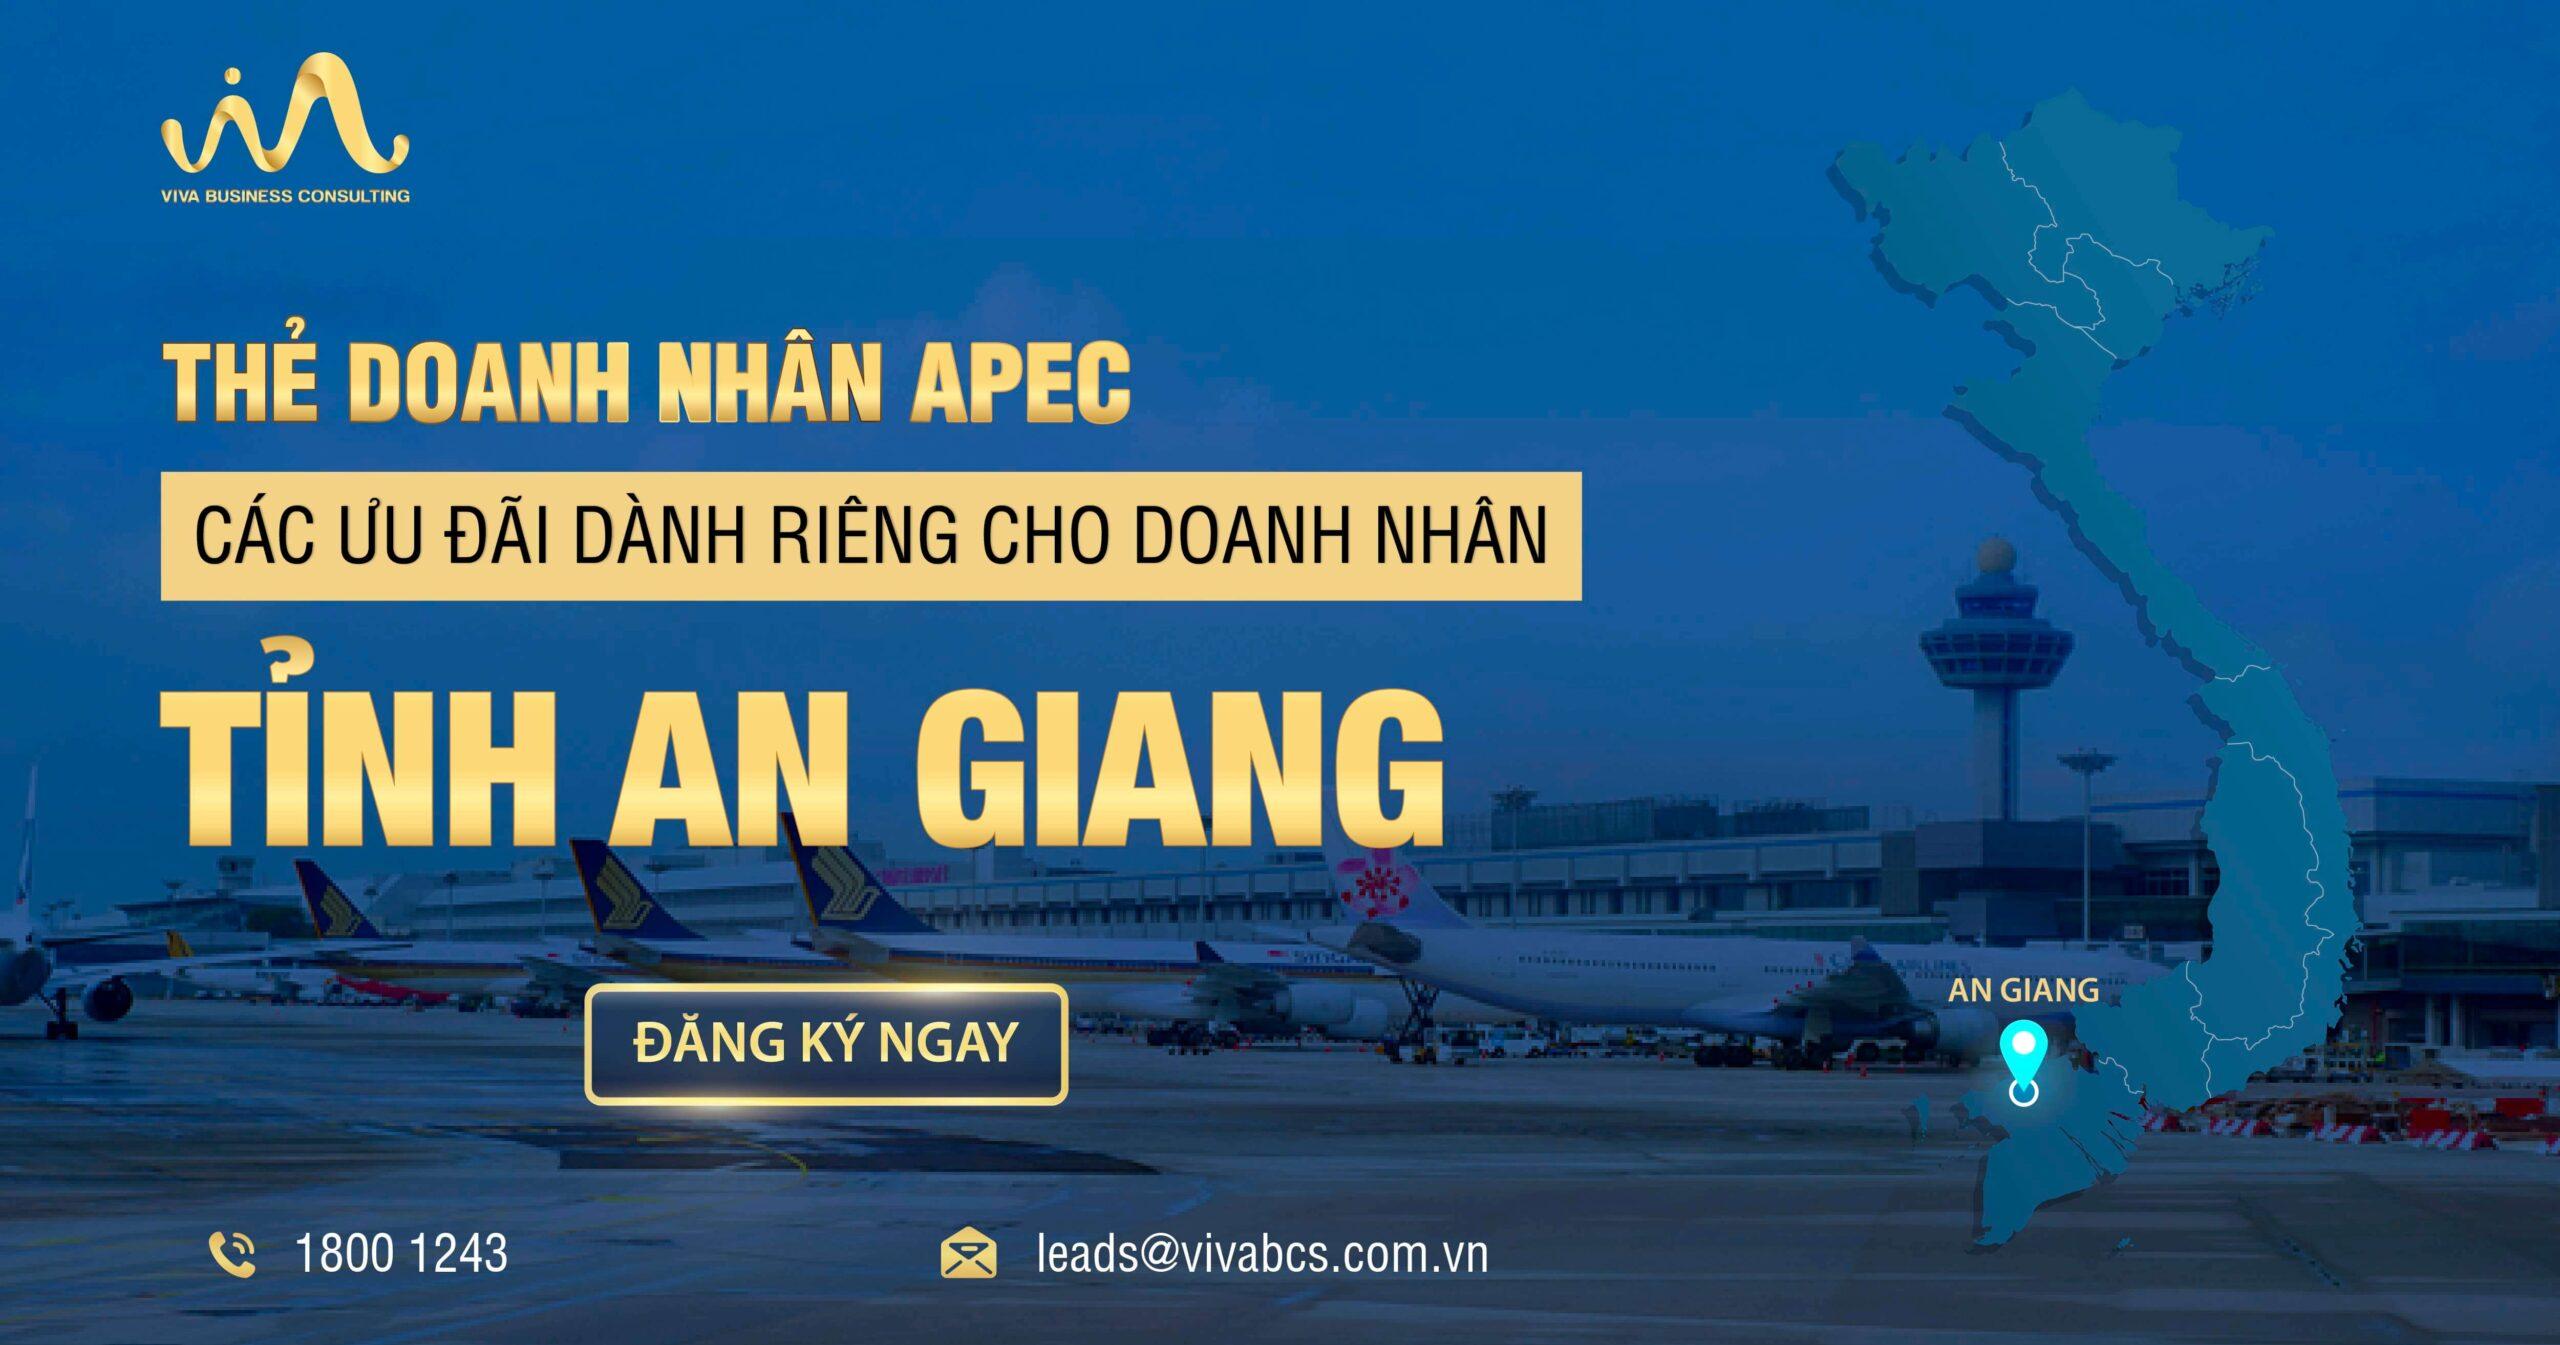 Chương trình kết nối thẻ APEC cùng doanh nhân An Giang